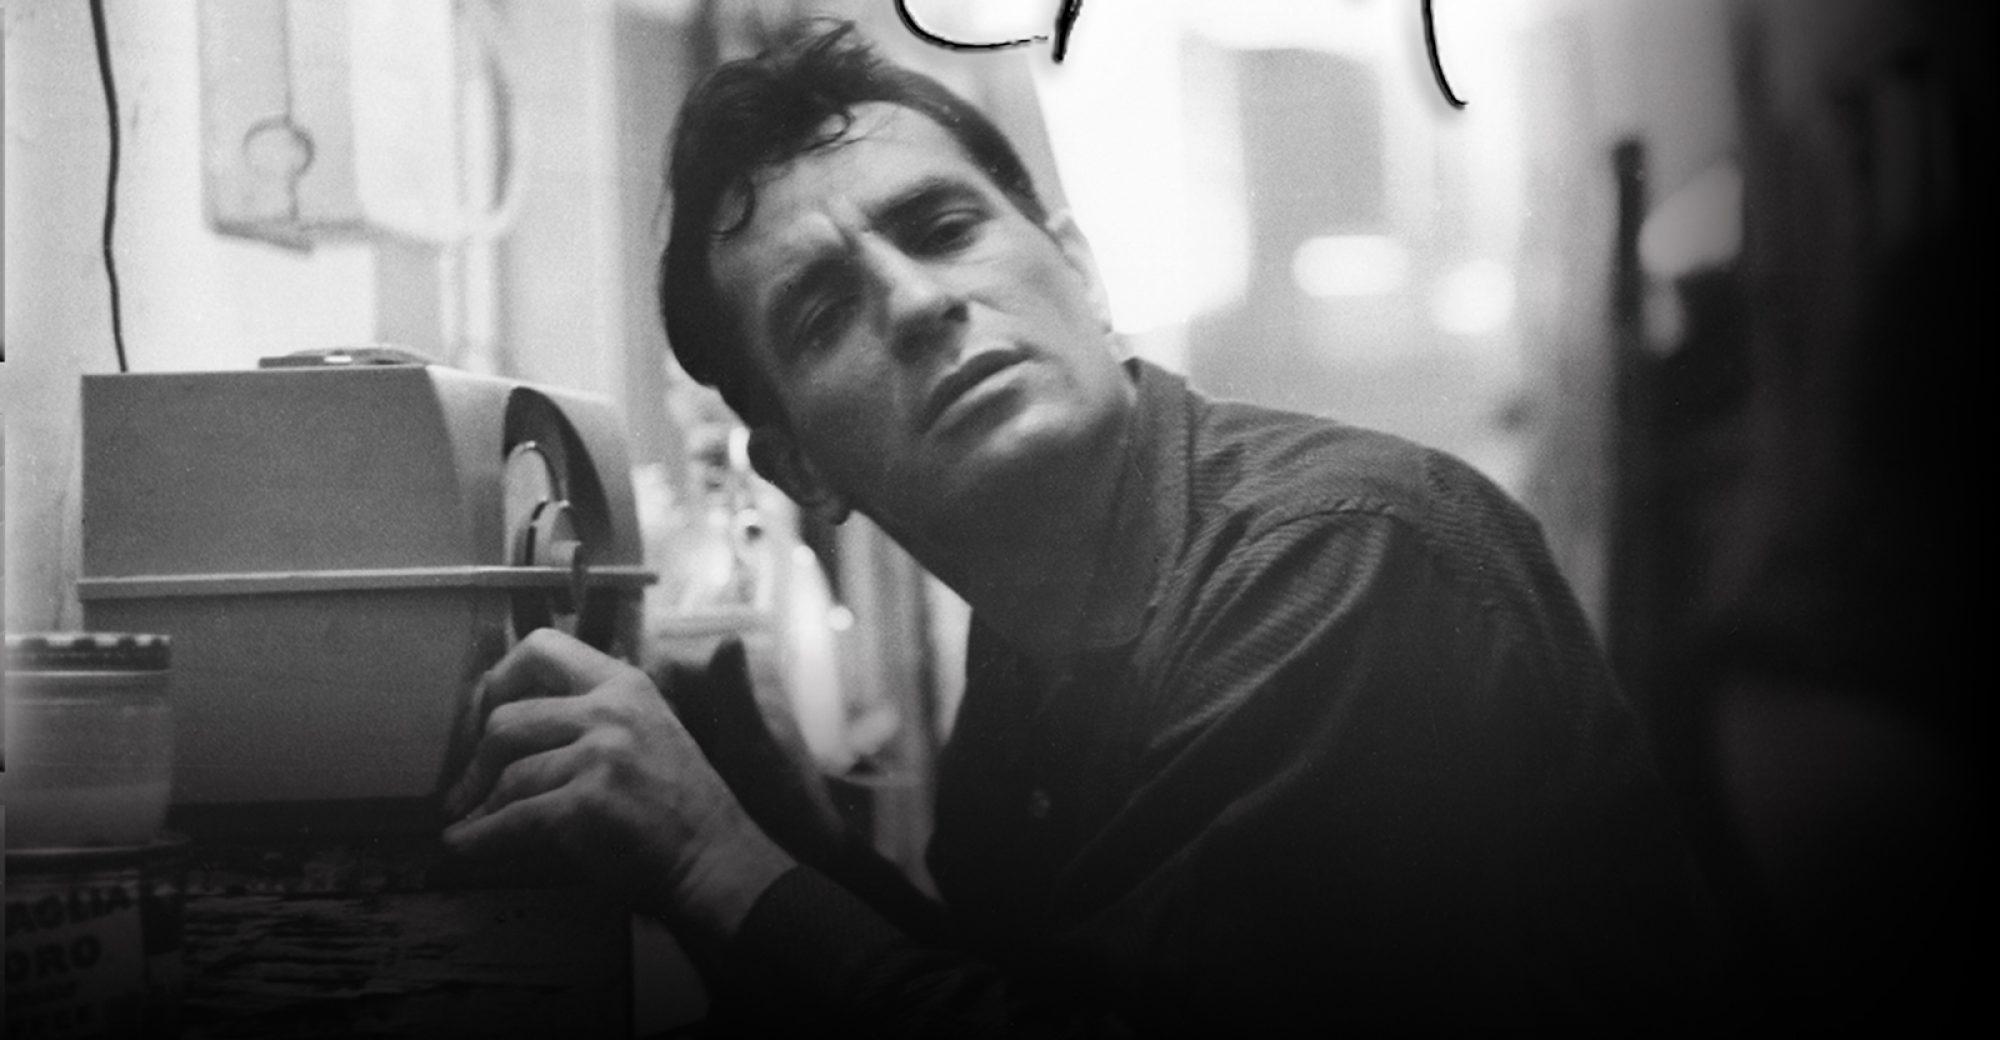 Tornare a danzare per la strada come pazzi, come Kerouac 3